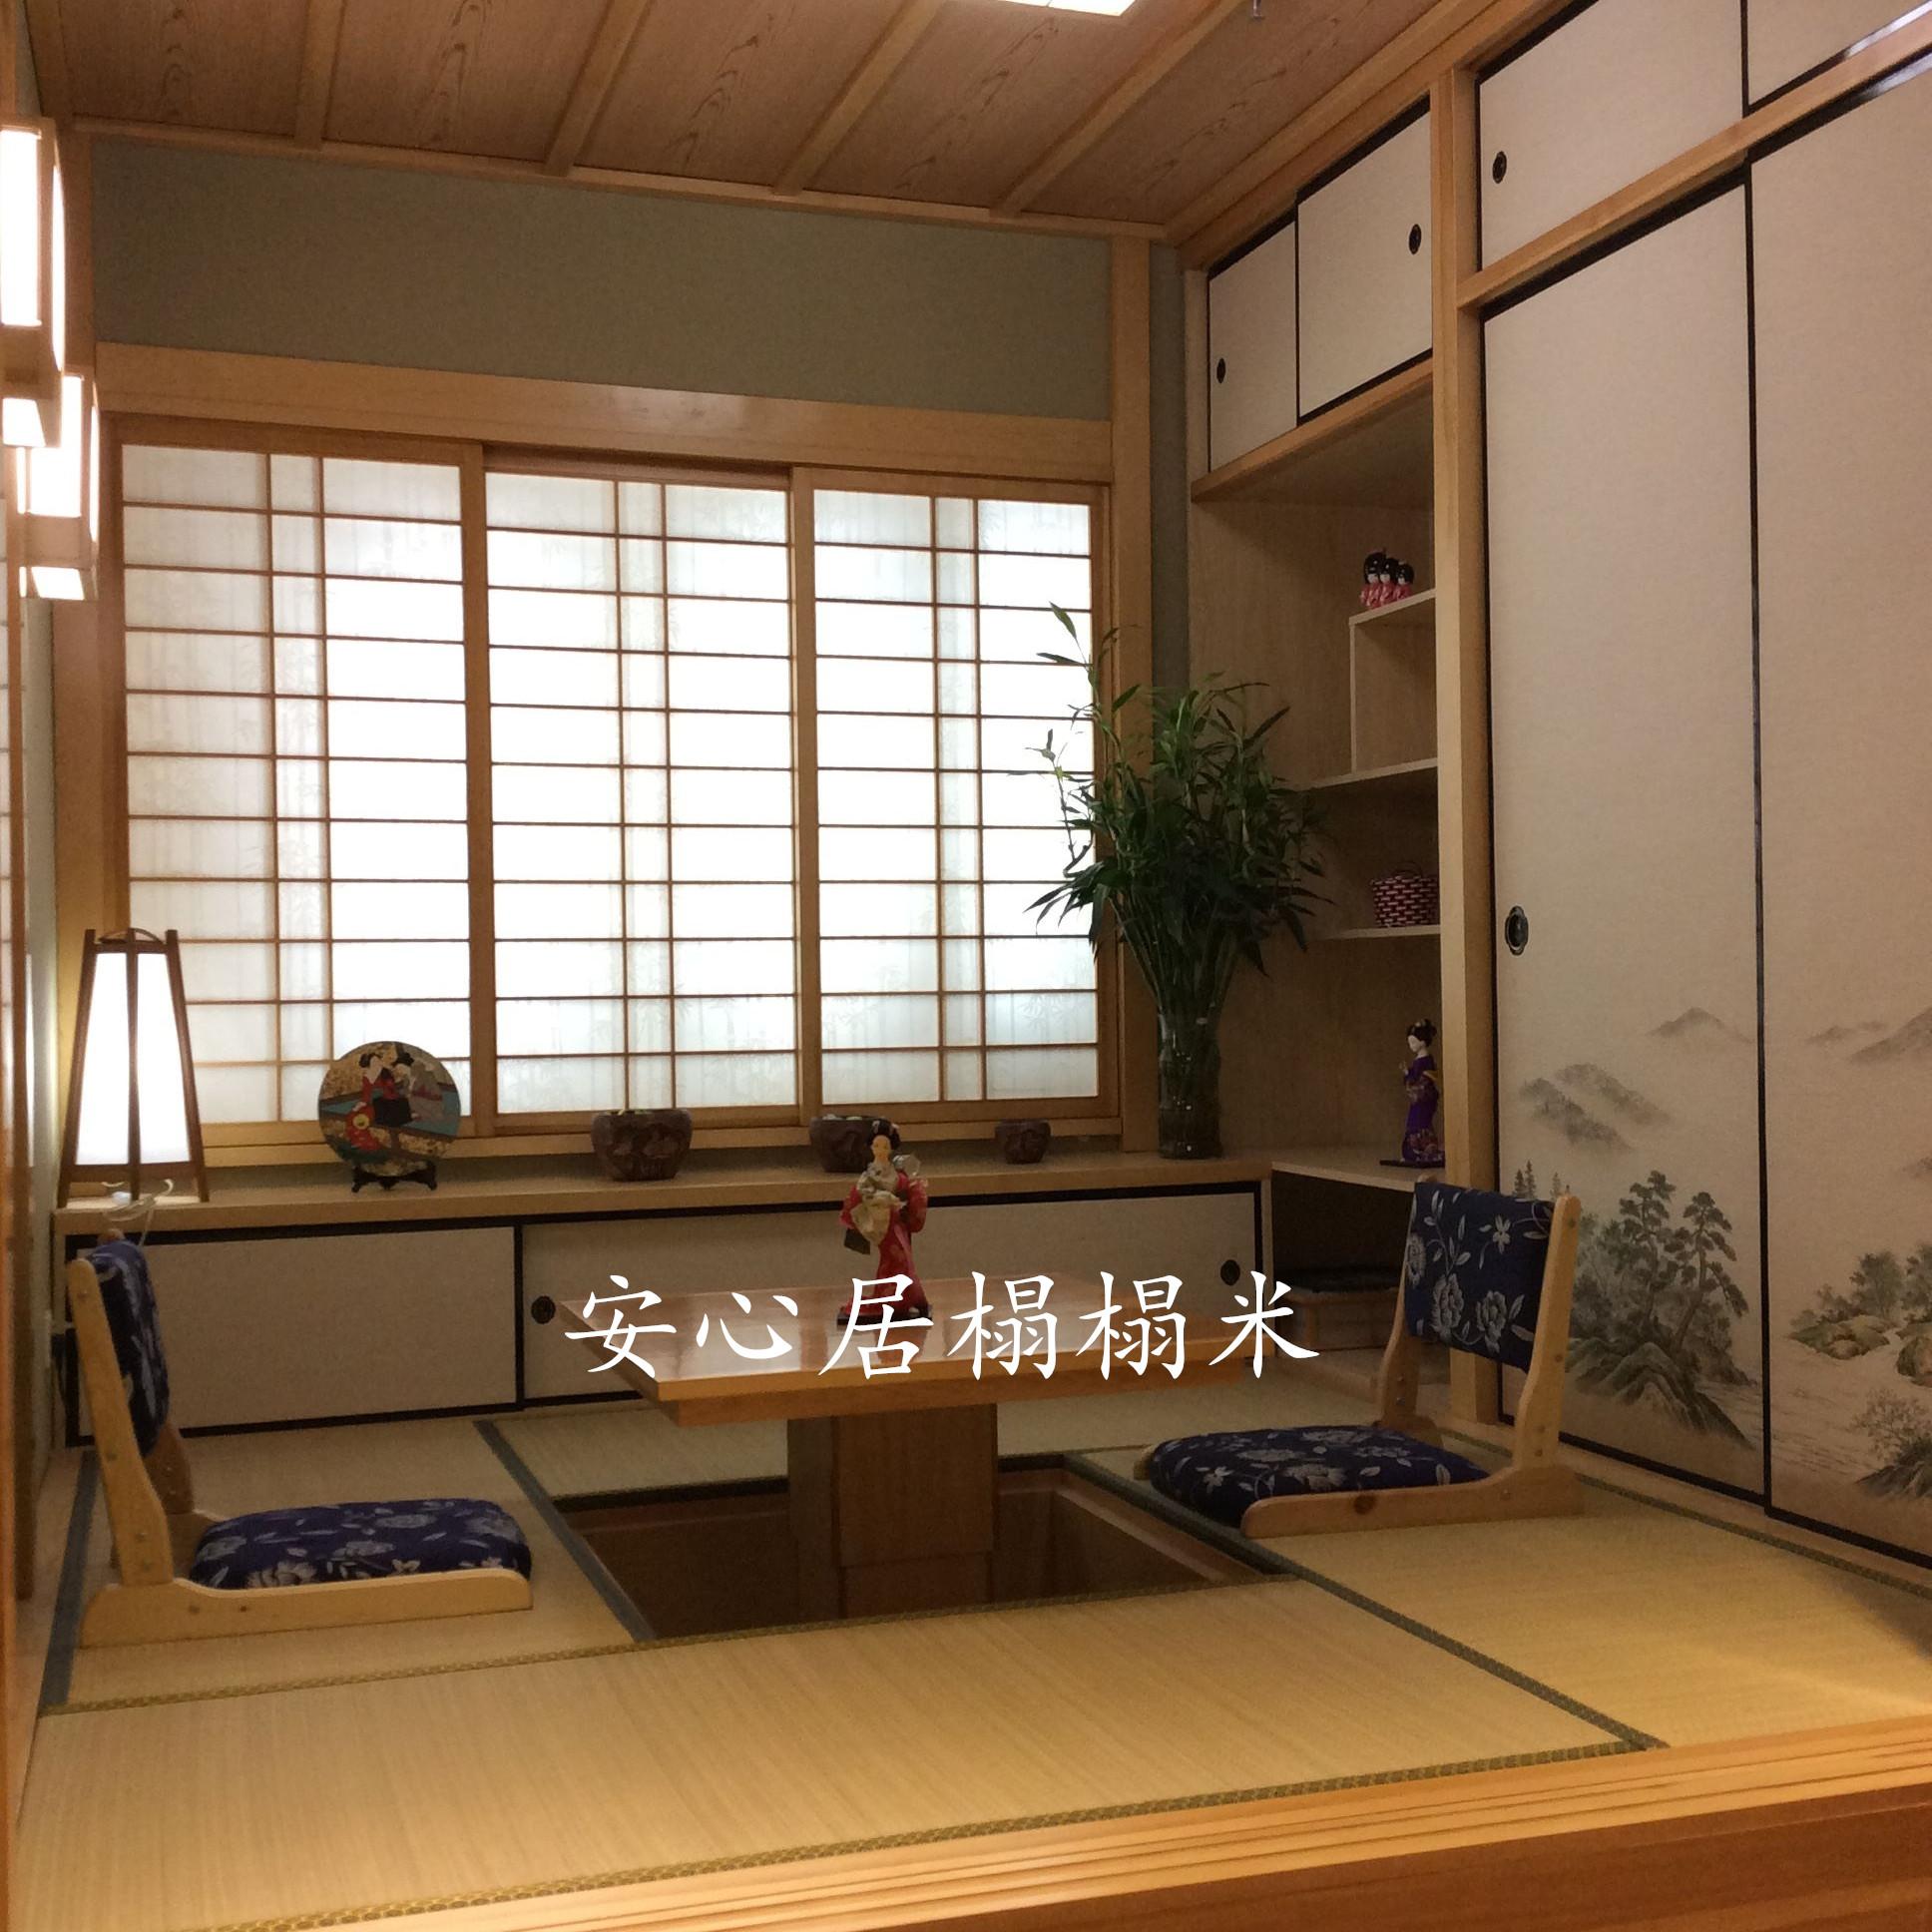 北京天津实木榻榻米定制日式卧室床整体衣柜书柜全屋家具定做包邮